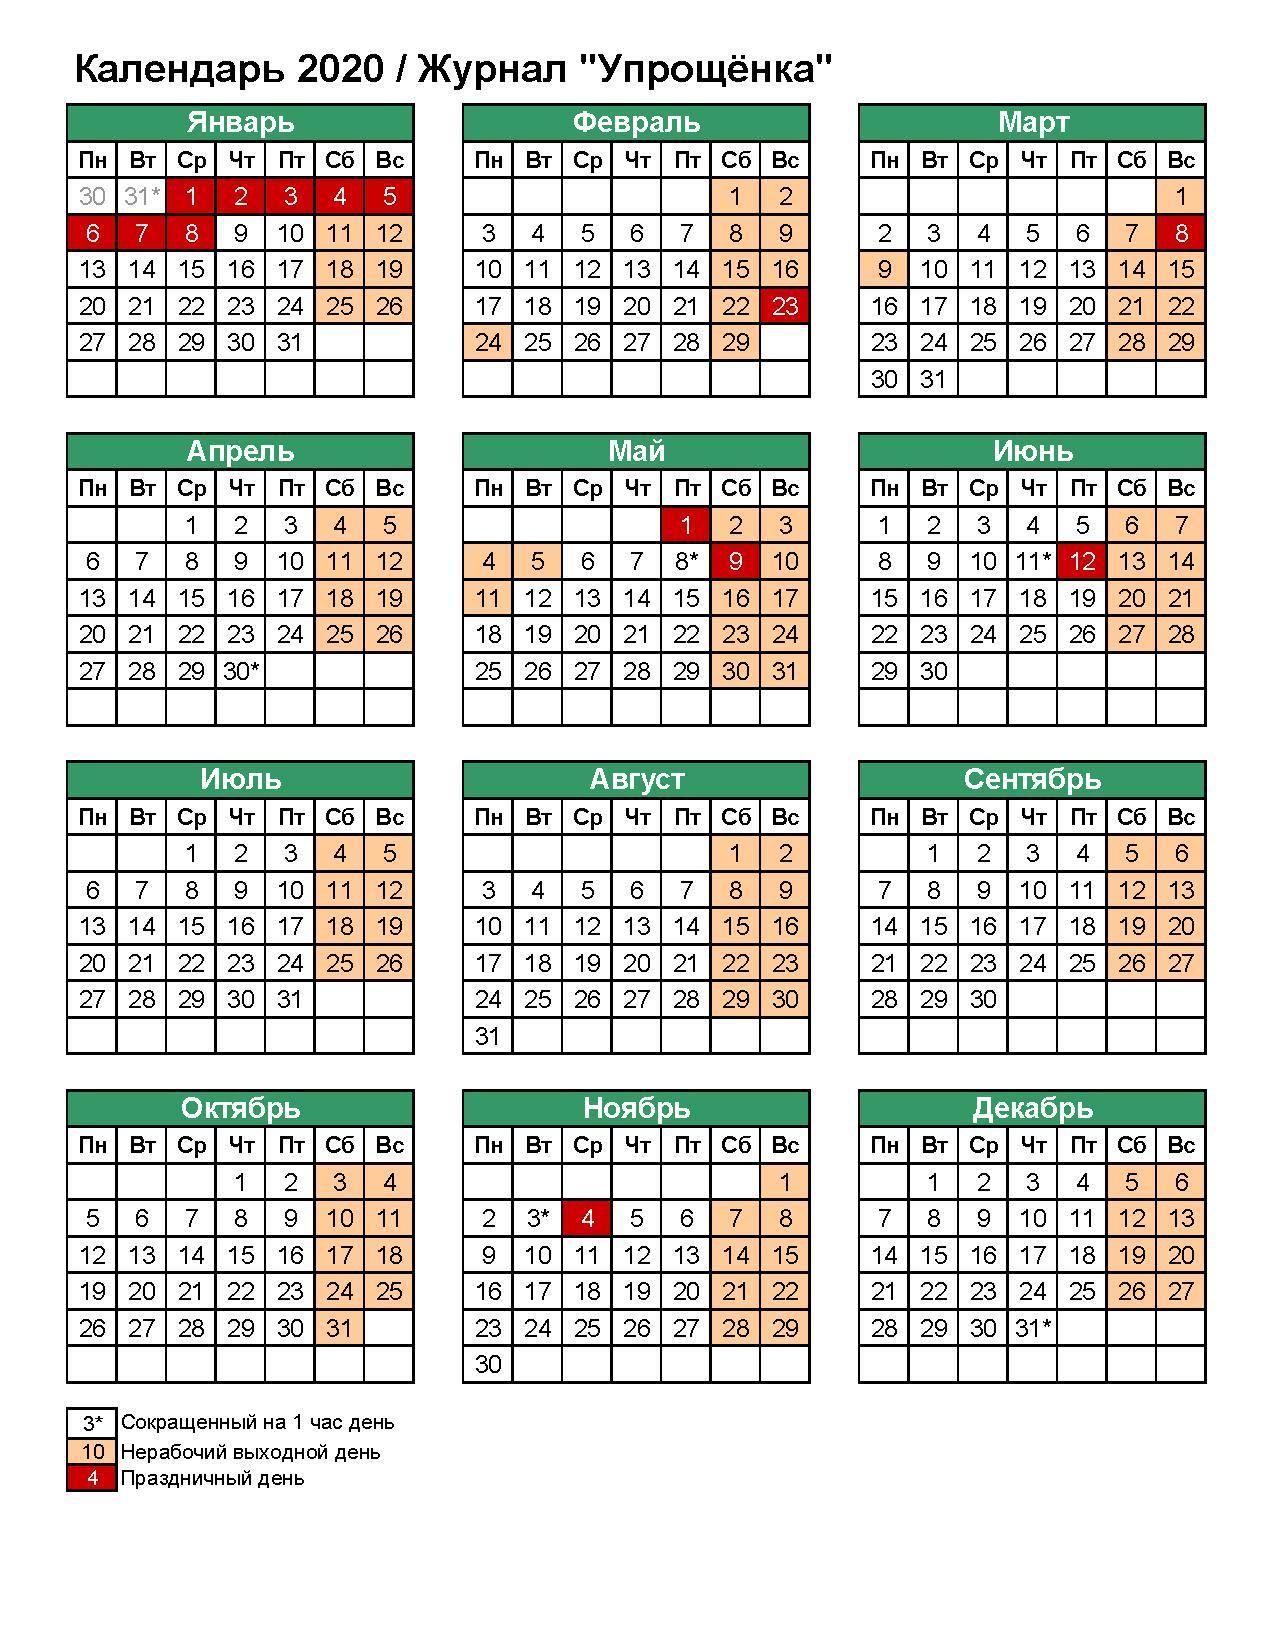 Производственный Календарь Рф На 2020 Год